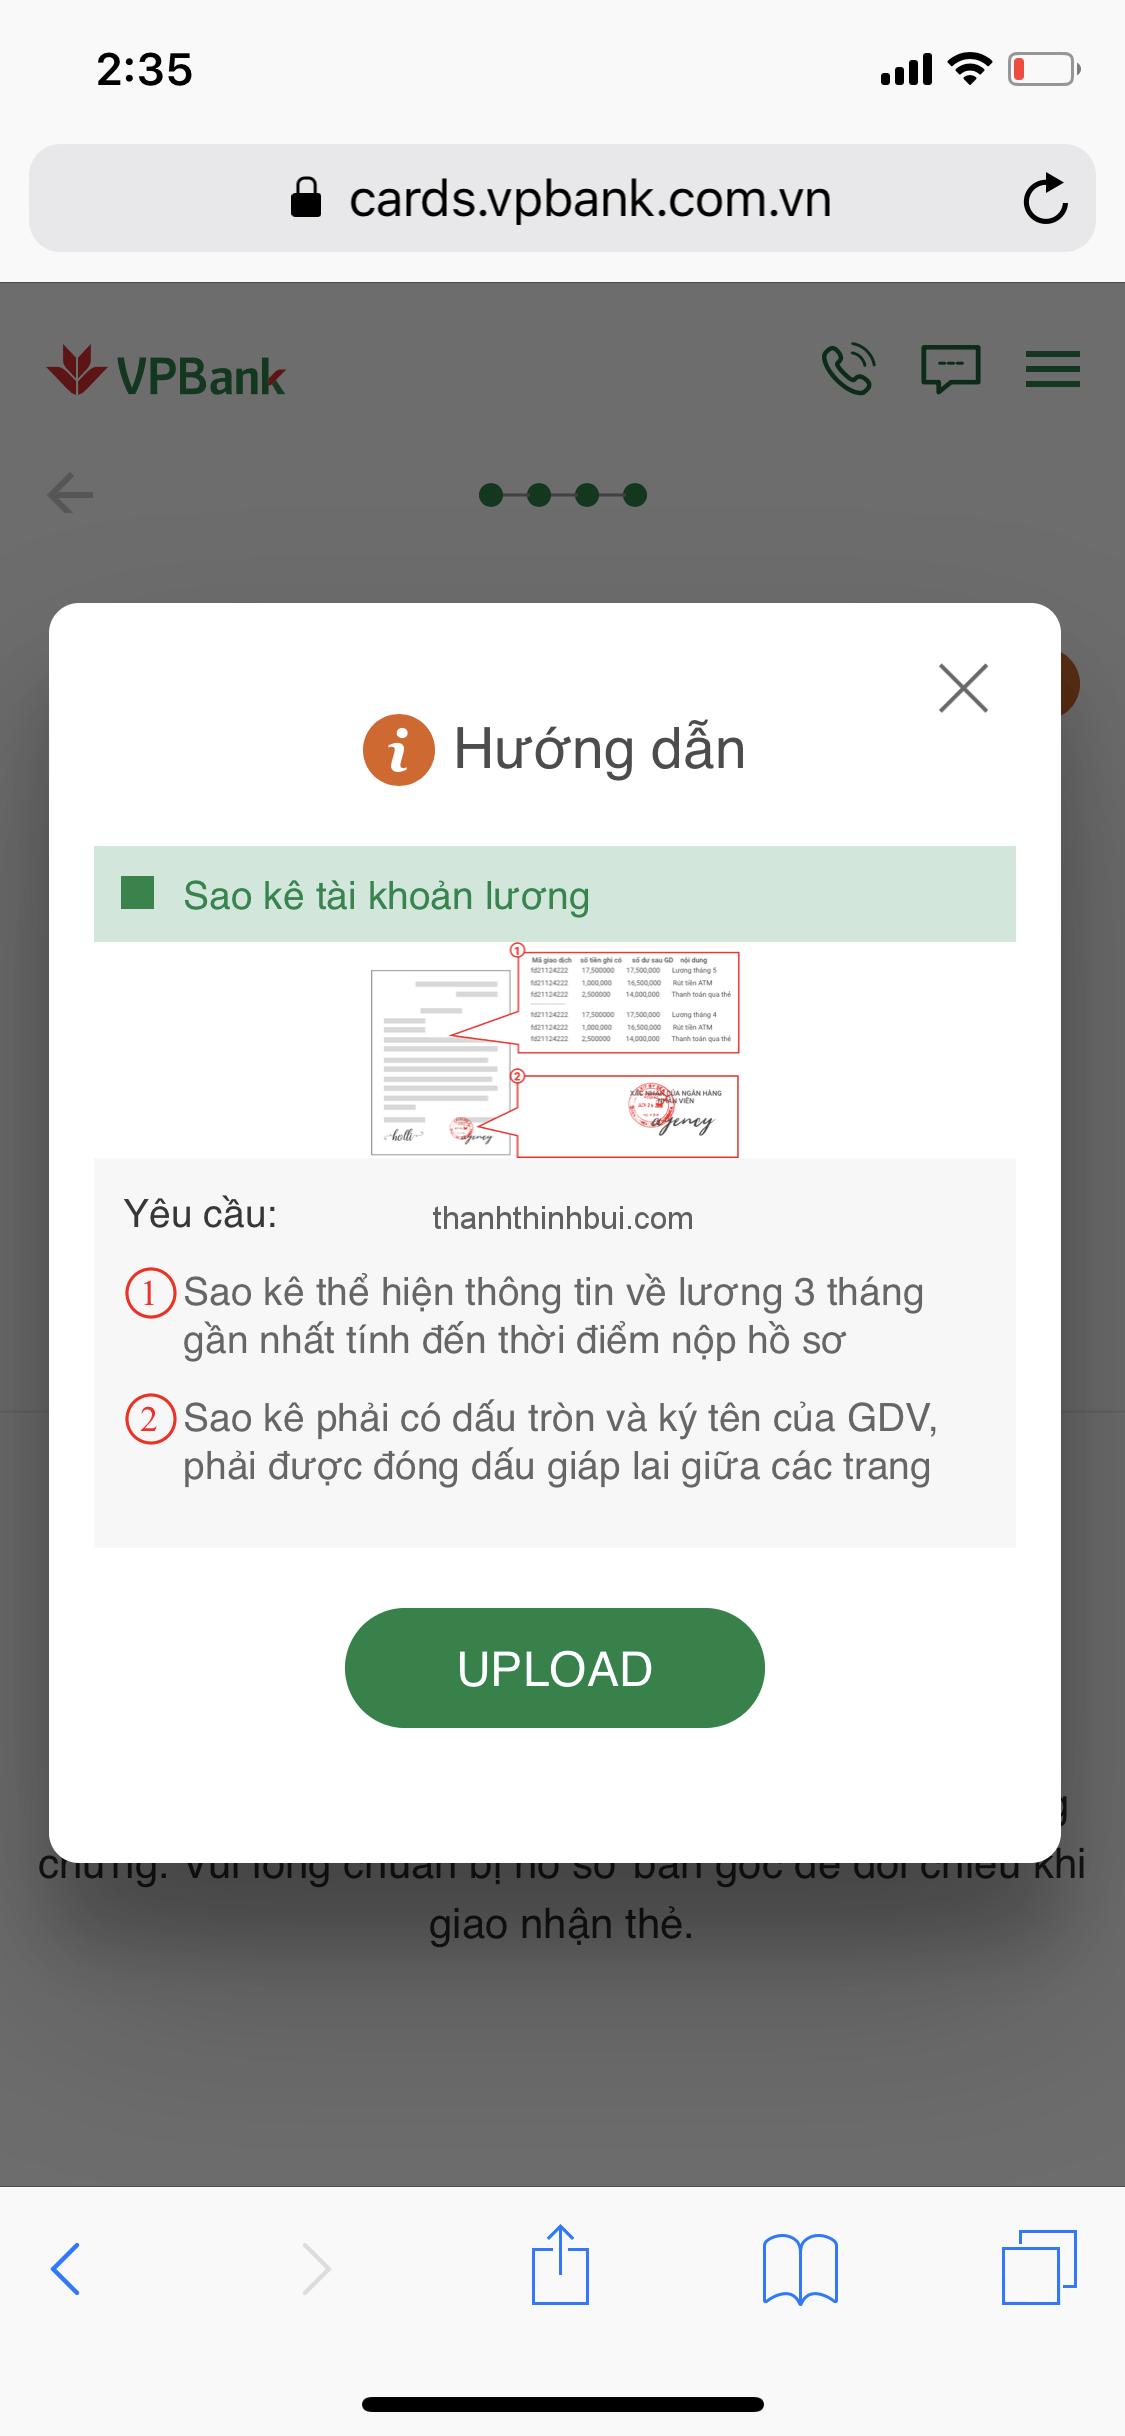 huong-dan-tao-the-vpbank-chay-quang-cao-21